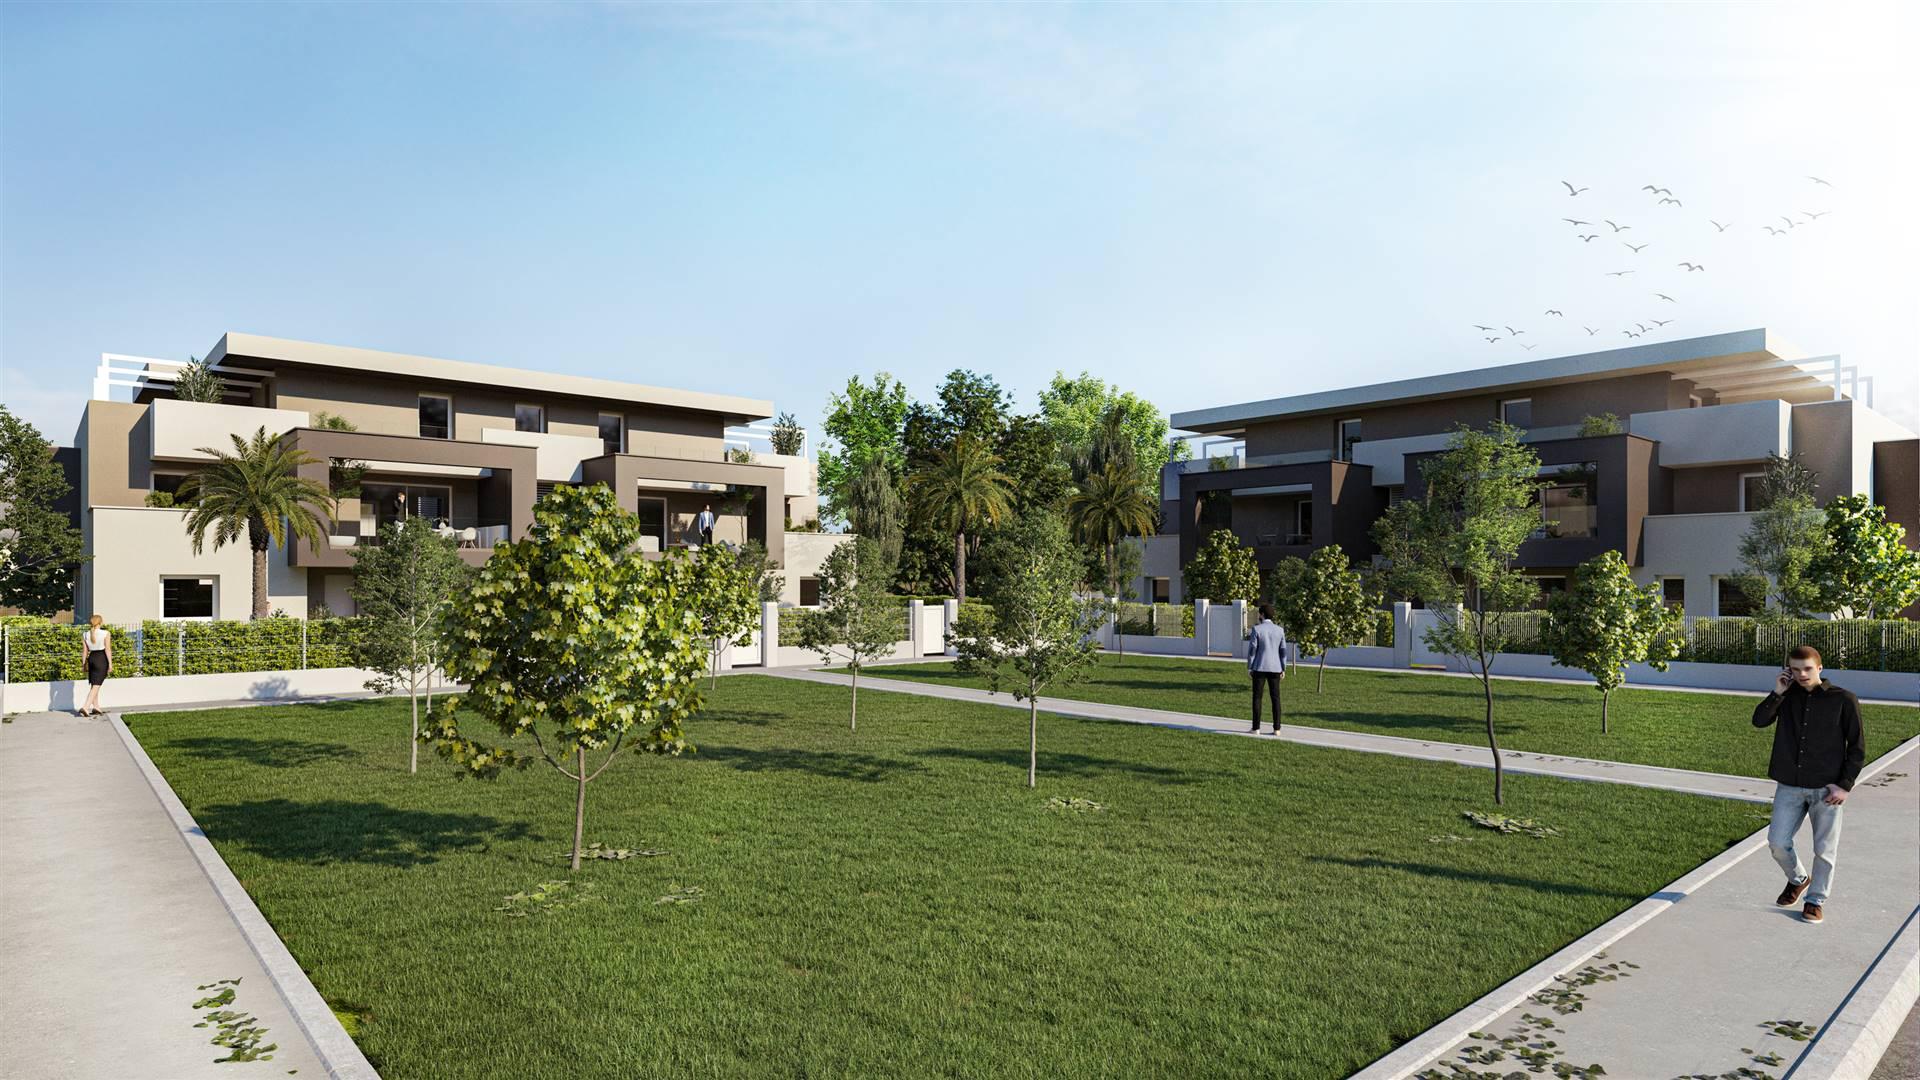 A pochissimi passi dal centro di PESEGGIA, frazione di Scorzè, piccole palazzine di 5 unità ciascuna in fase di realizzazione circondate dal verde